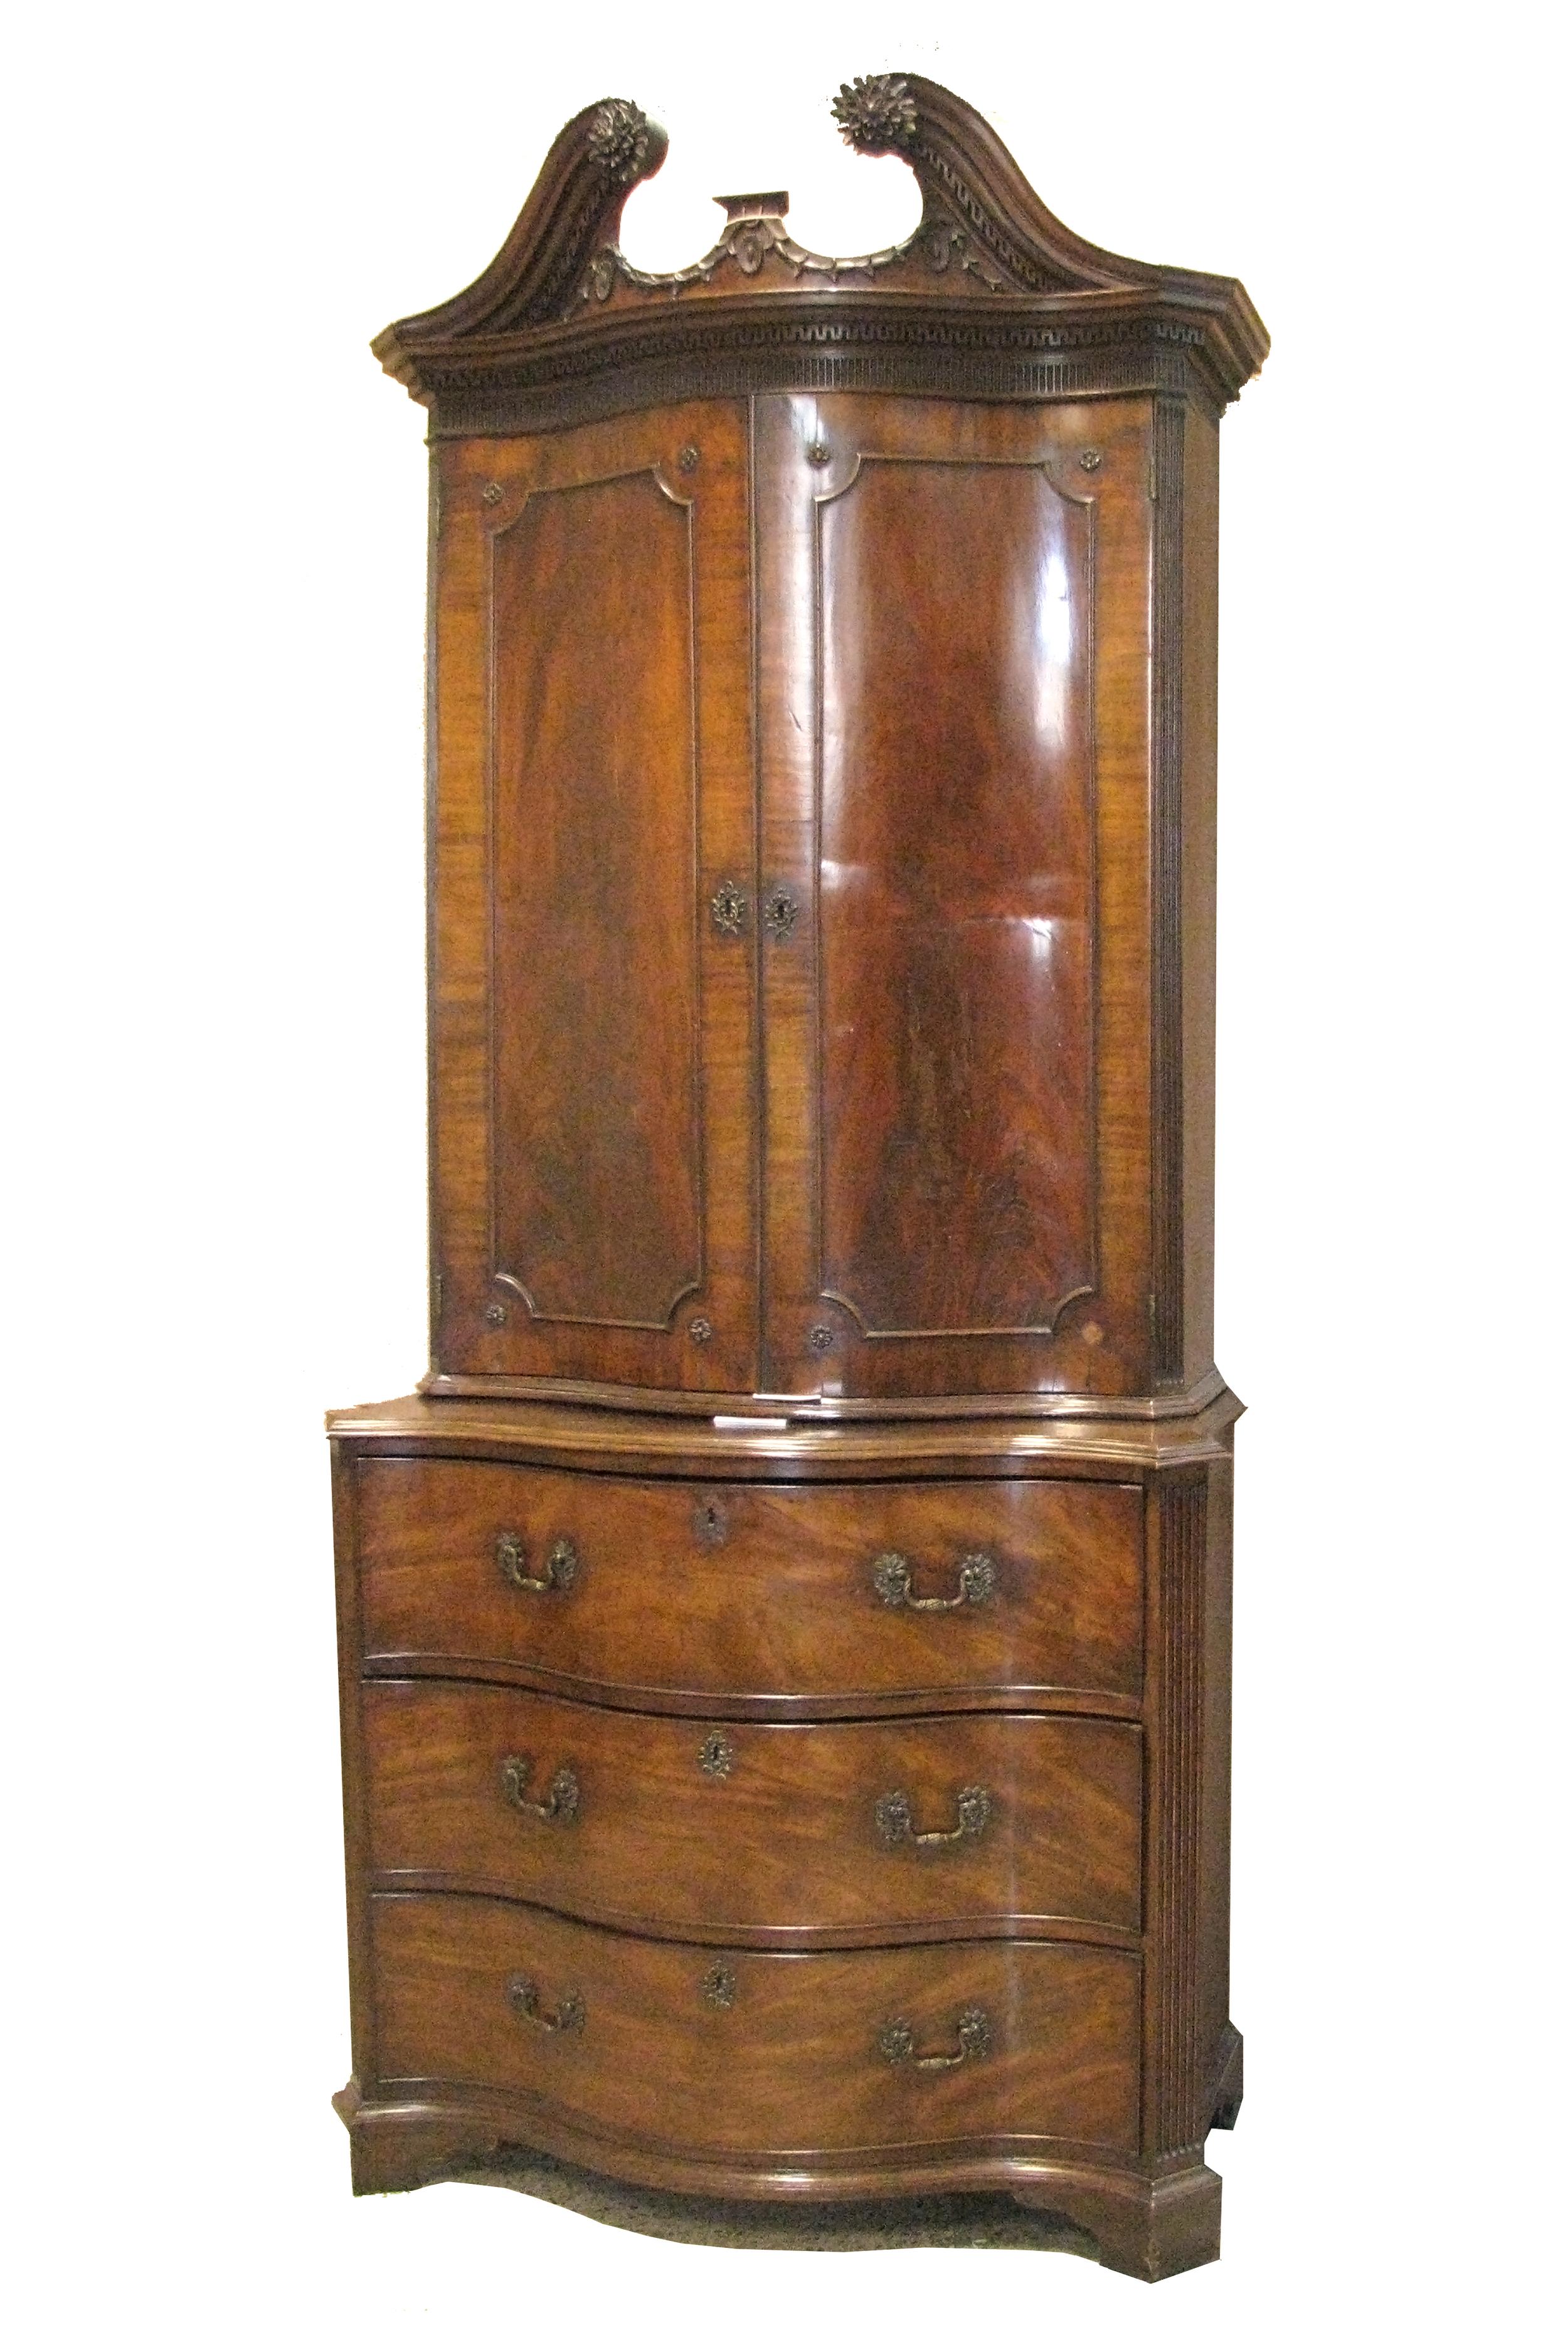 Before waxing: Clothes Press c. 1760, mahogany